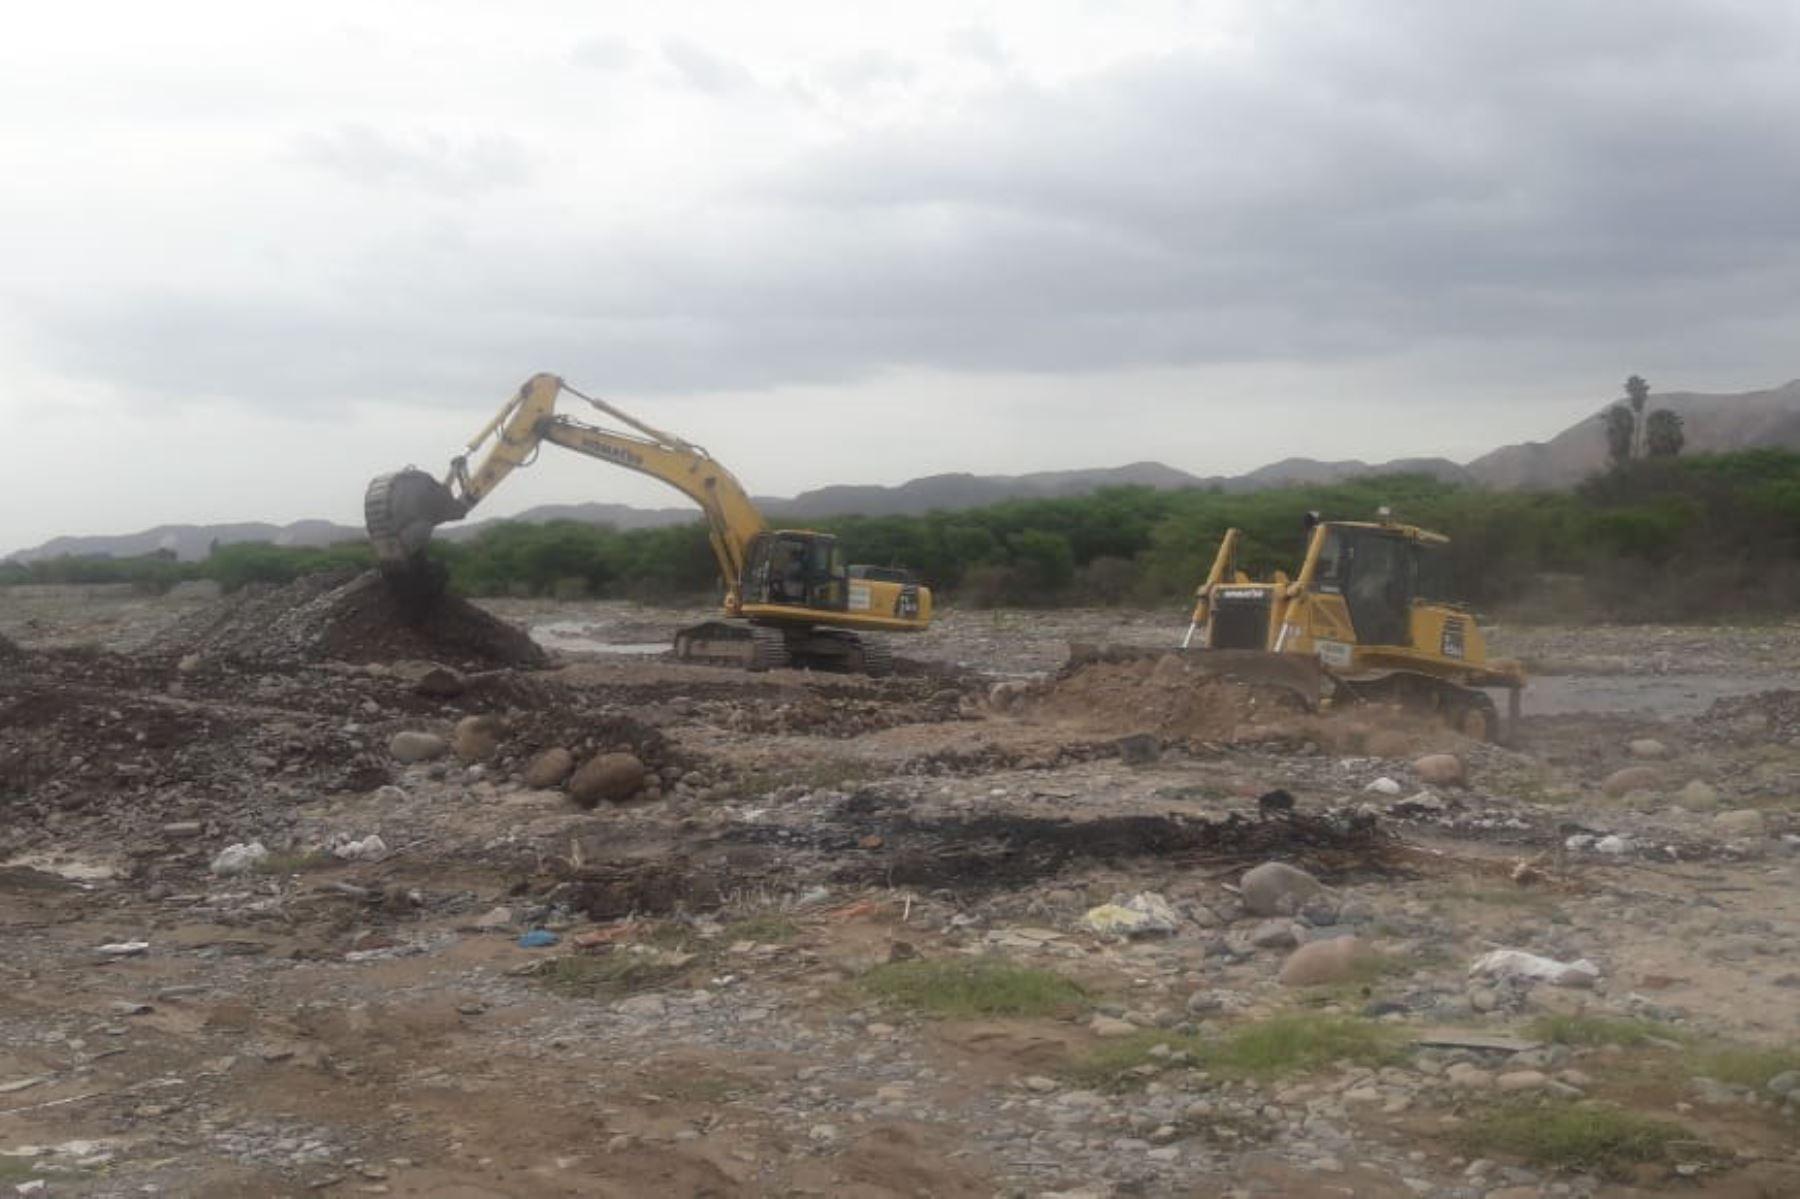 Con maquinaria del Programa Nuestras Ciudades del MVCS se efectúa la descolmatación y limpieza de ríos de Arequipa e Ica.